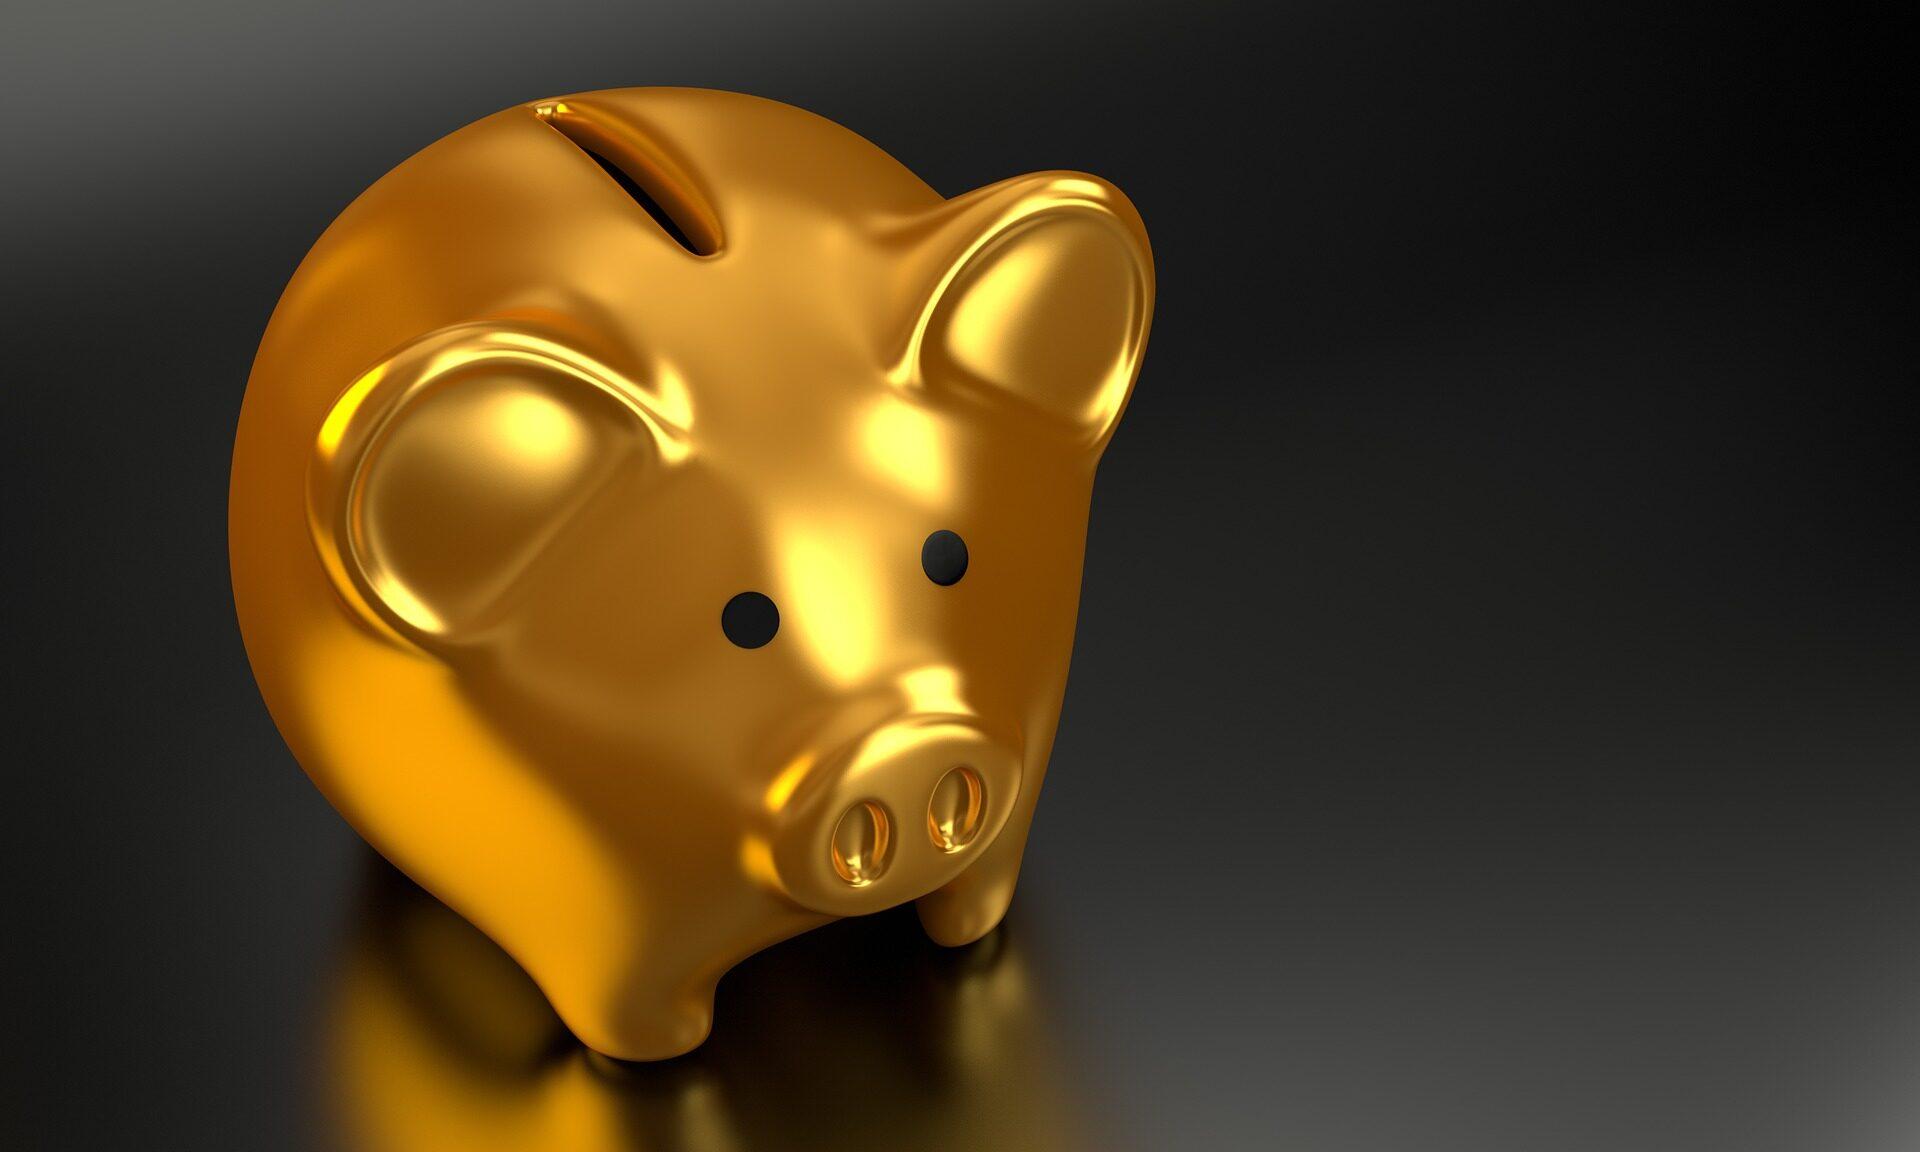 银行数字化转型的技术展望